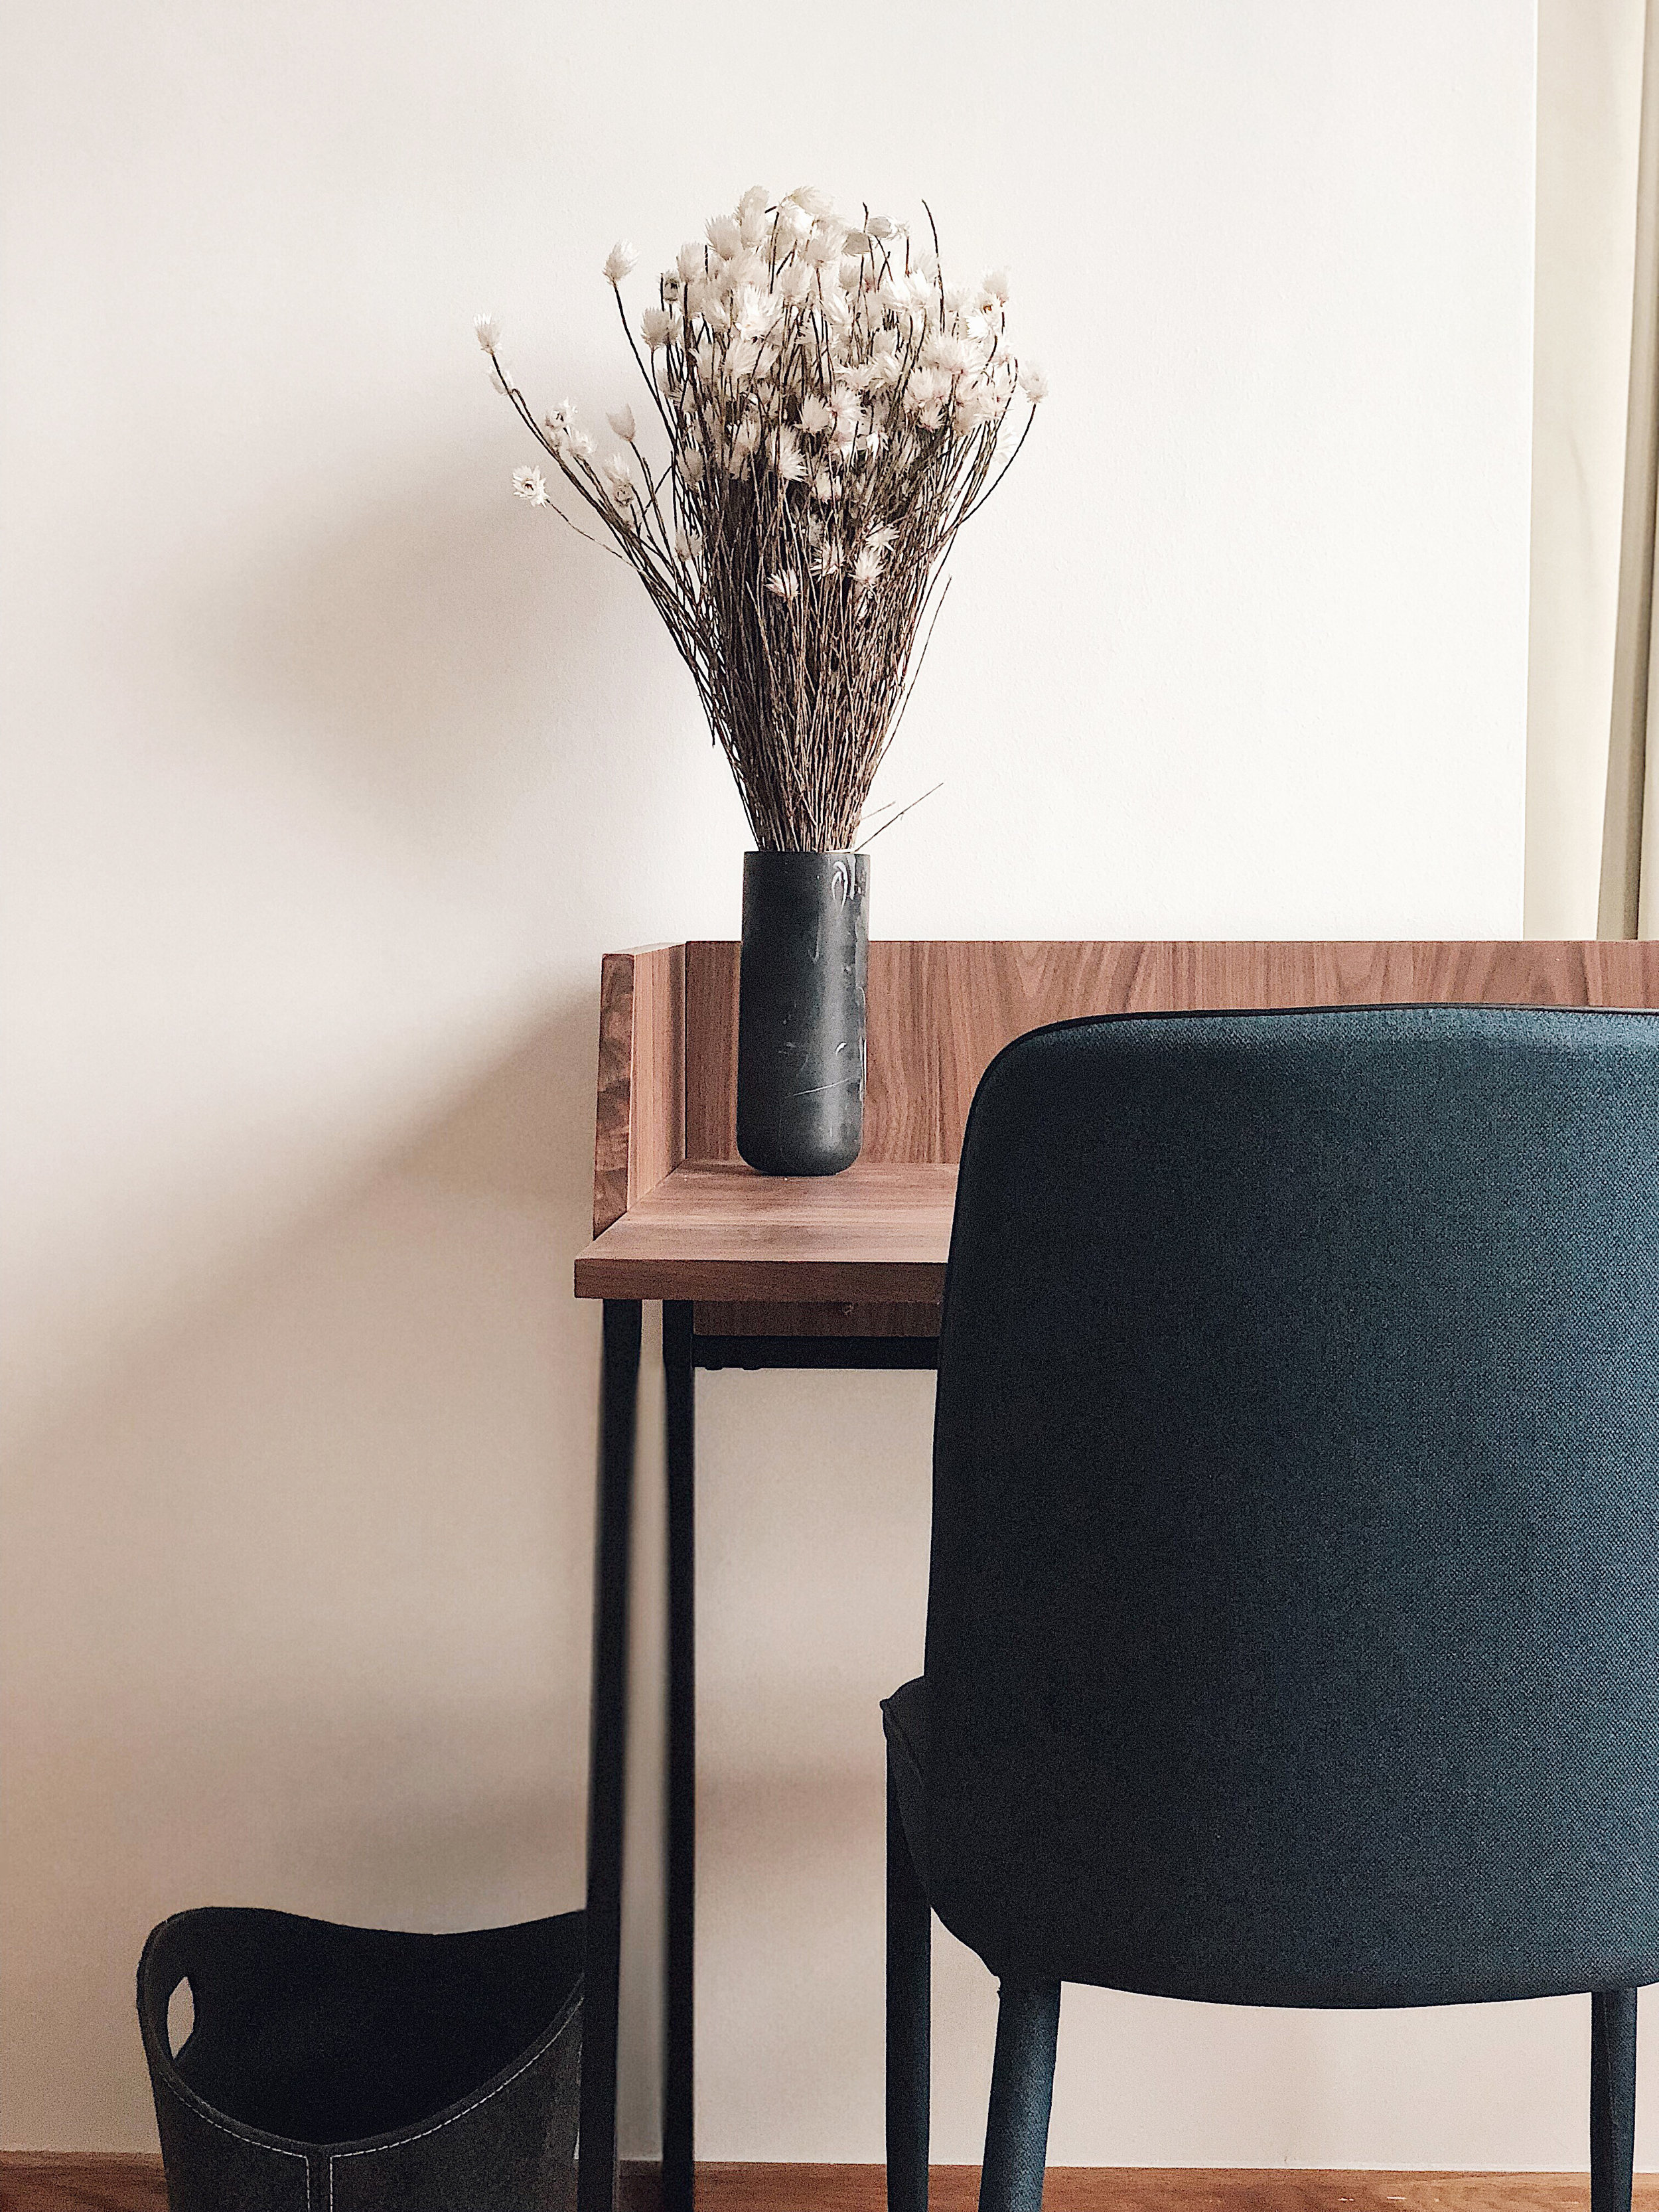 Minimal Wooden Work Space Desk